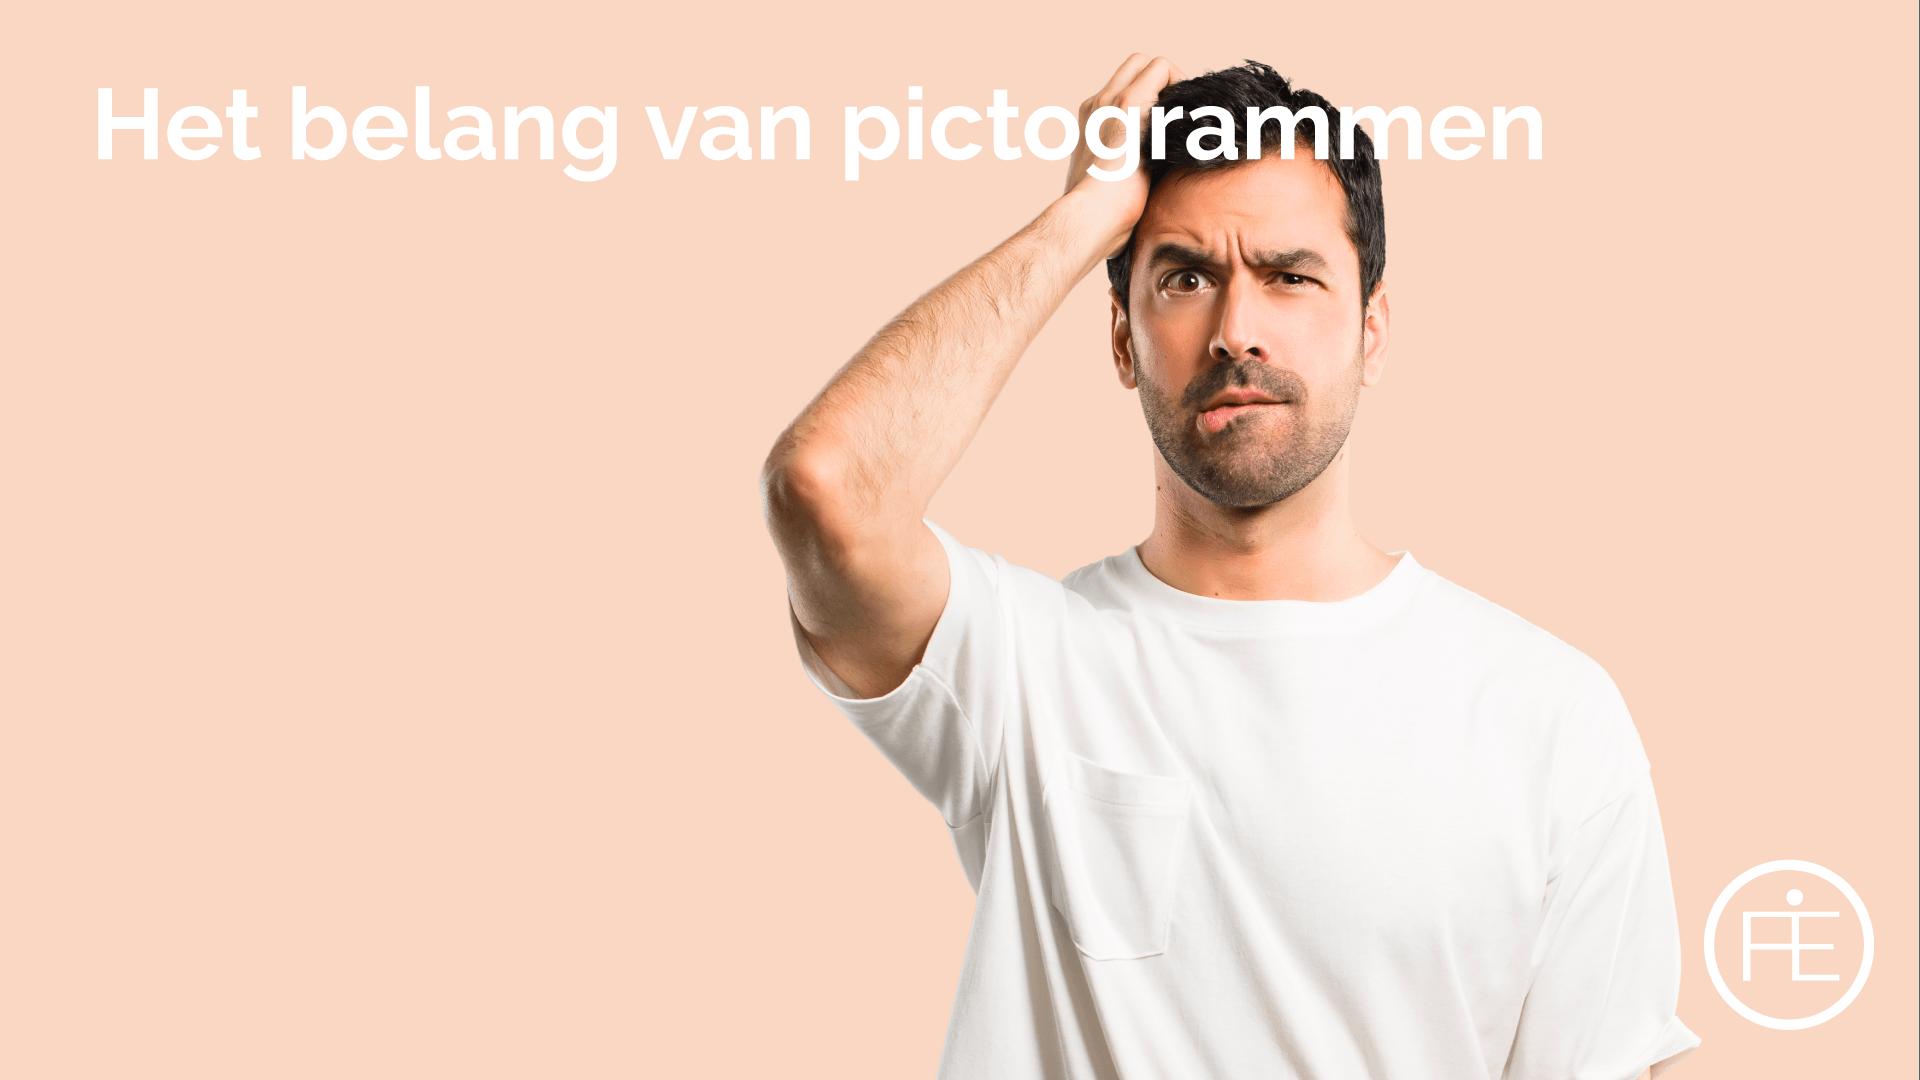 belang-van-pictogrammen-blog-afbeelding